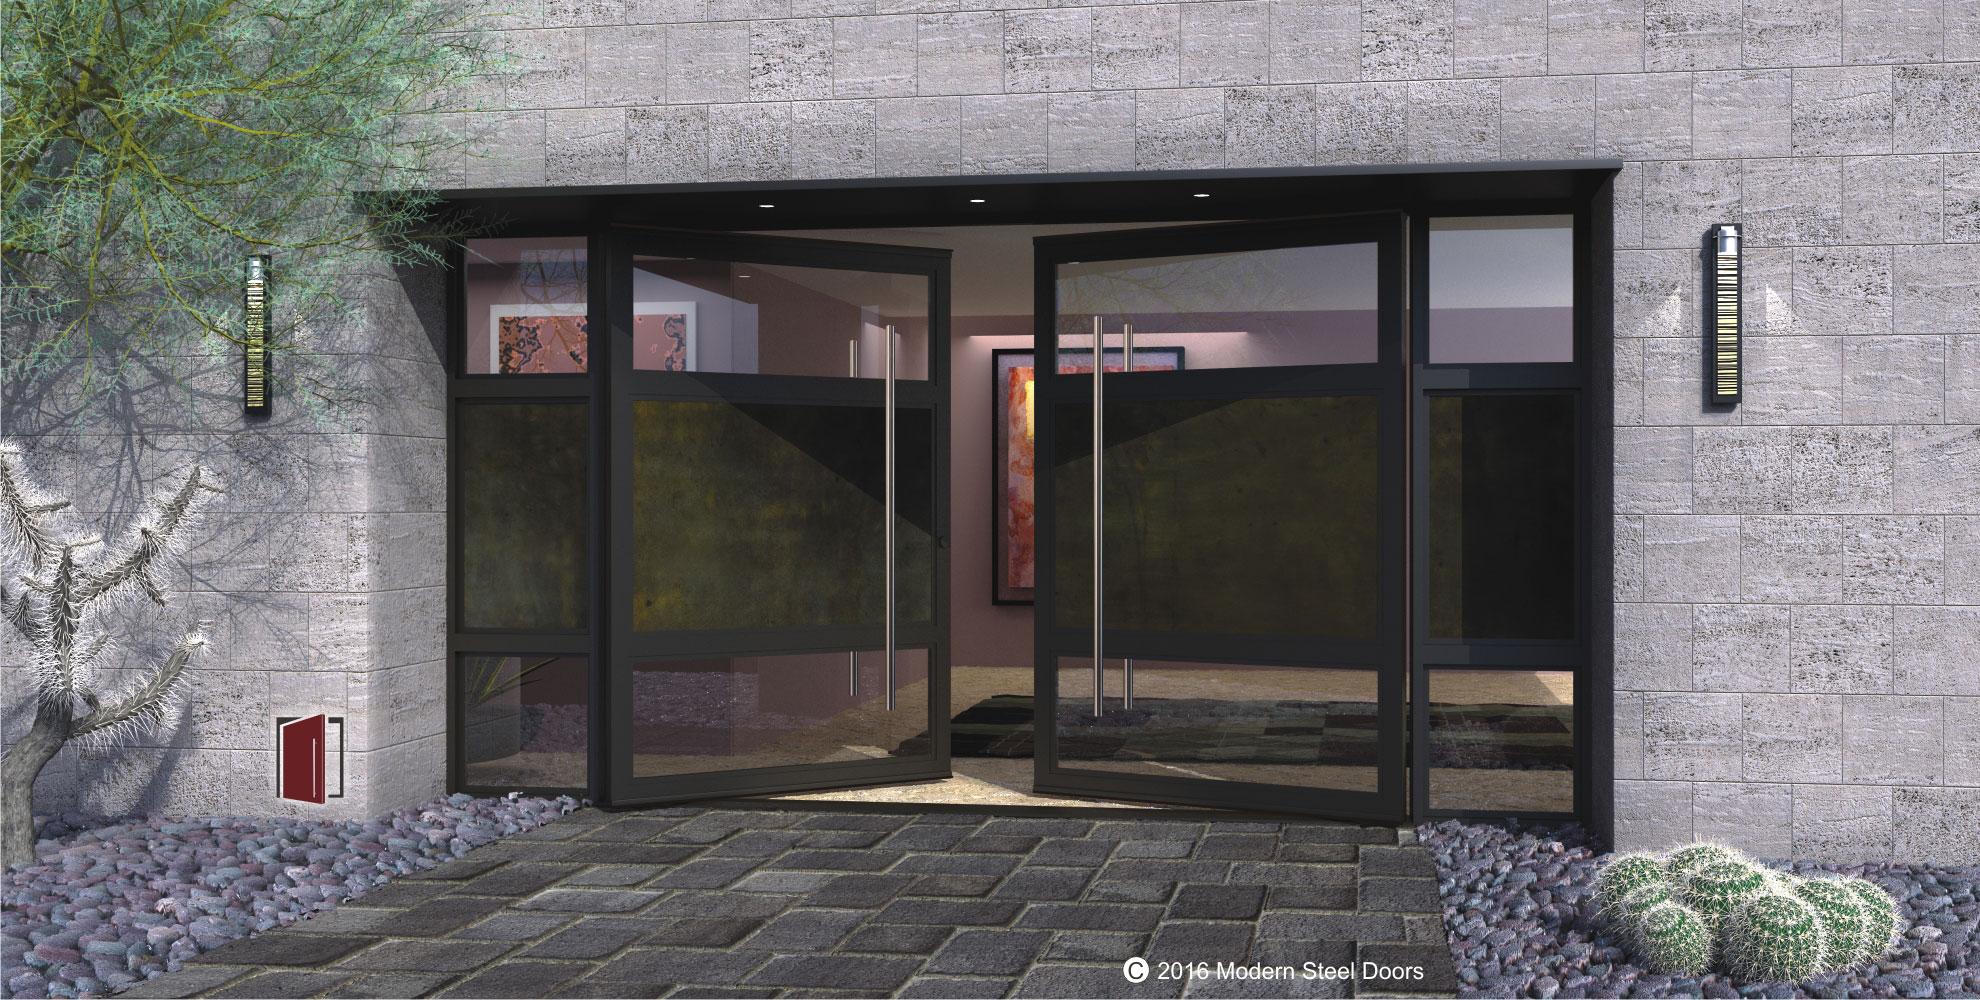 1000 #4F5E46 Modern Steel Doors wallpaper Steel Exterior Doors With Glass 45251980